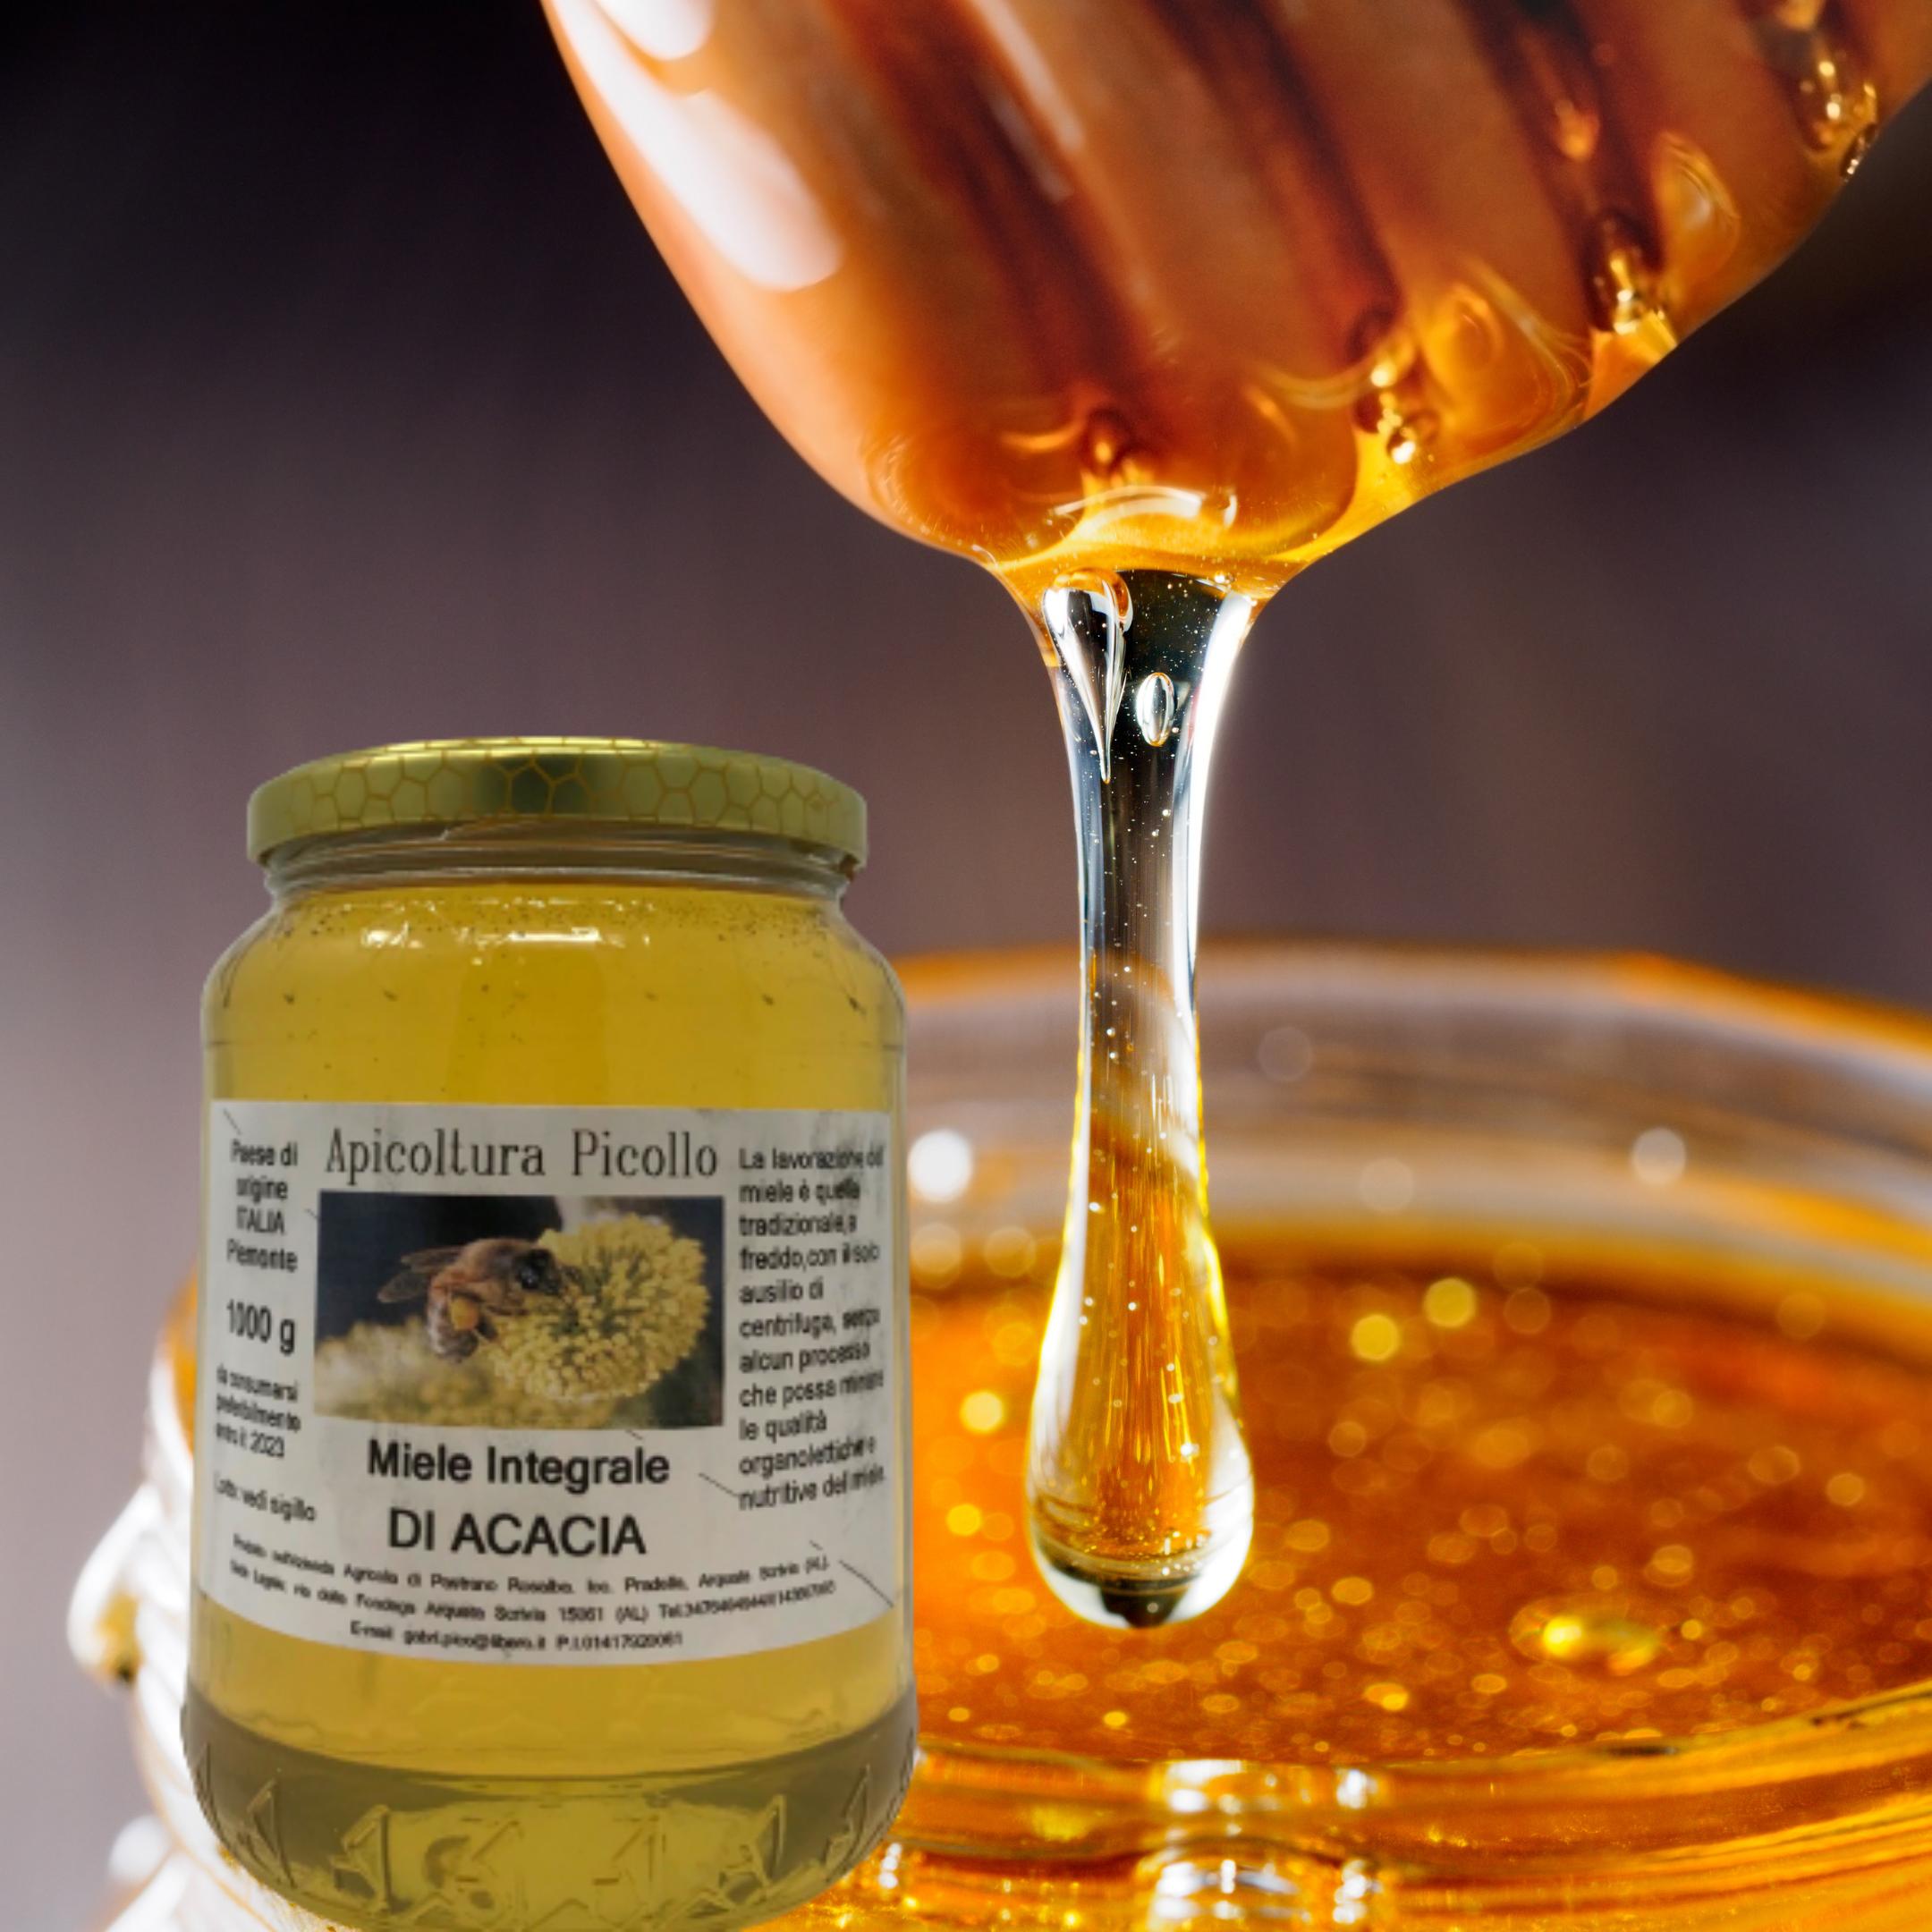 Miele integrale di acacia 500g